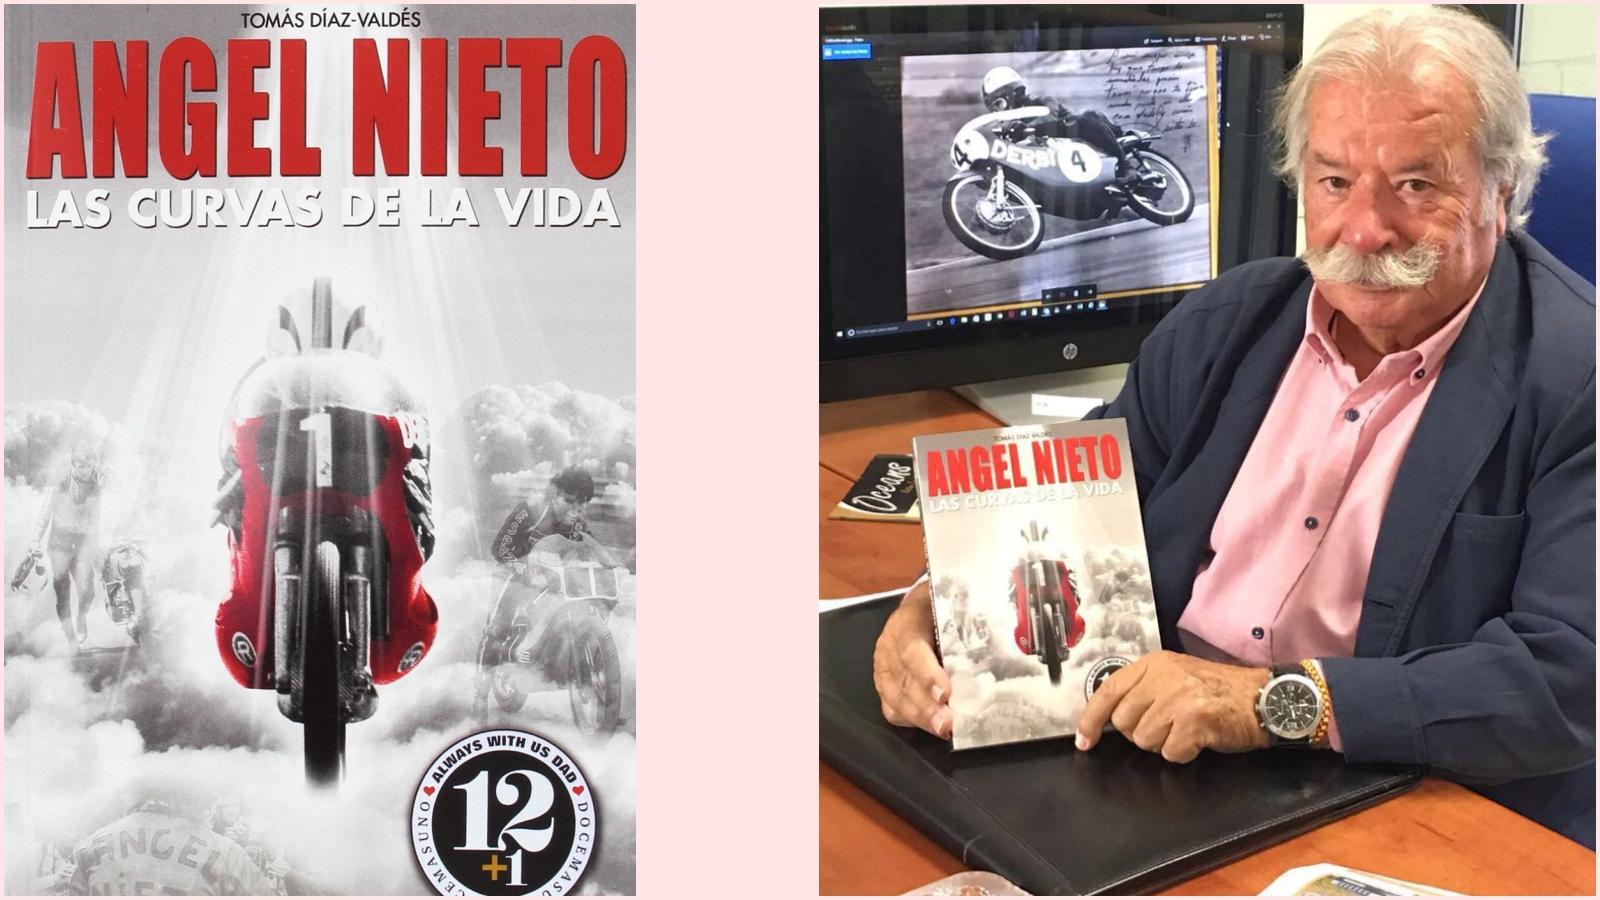 Ángel Nieto, las curvas de la vida / Tomás Díaz-Valdés